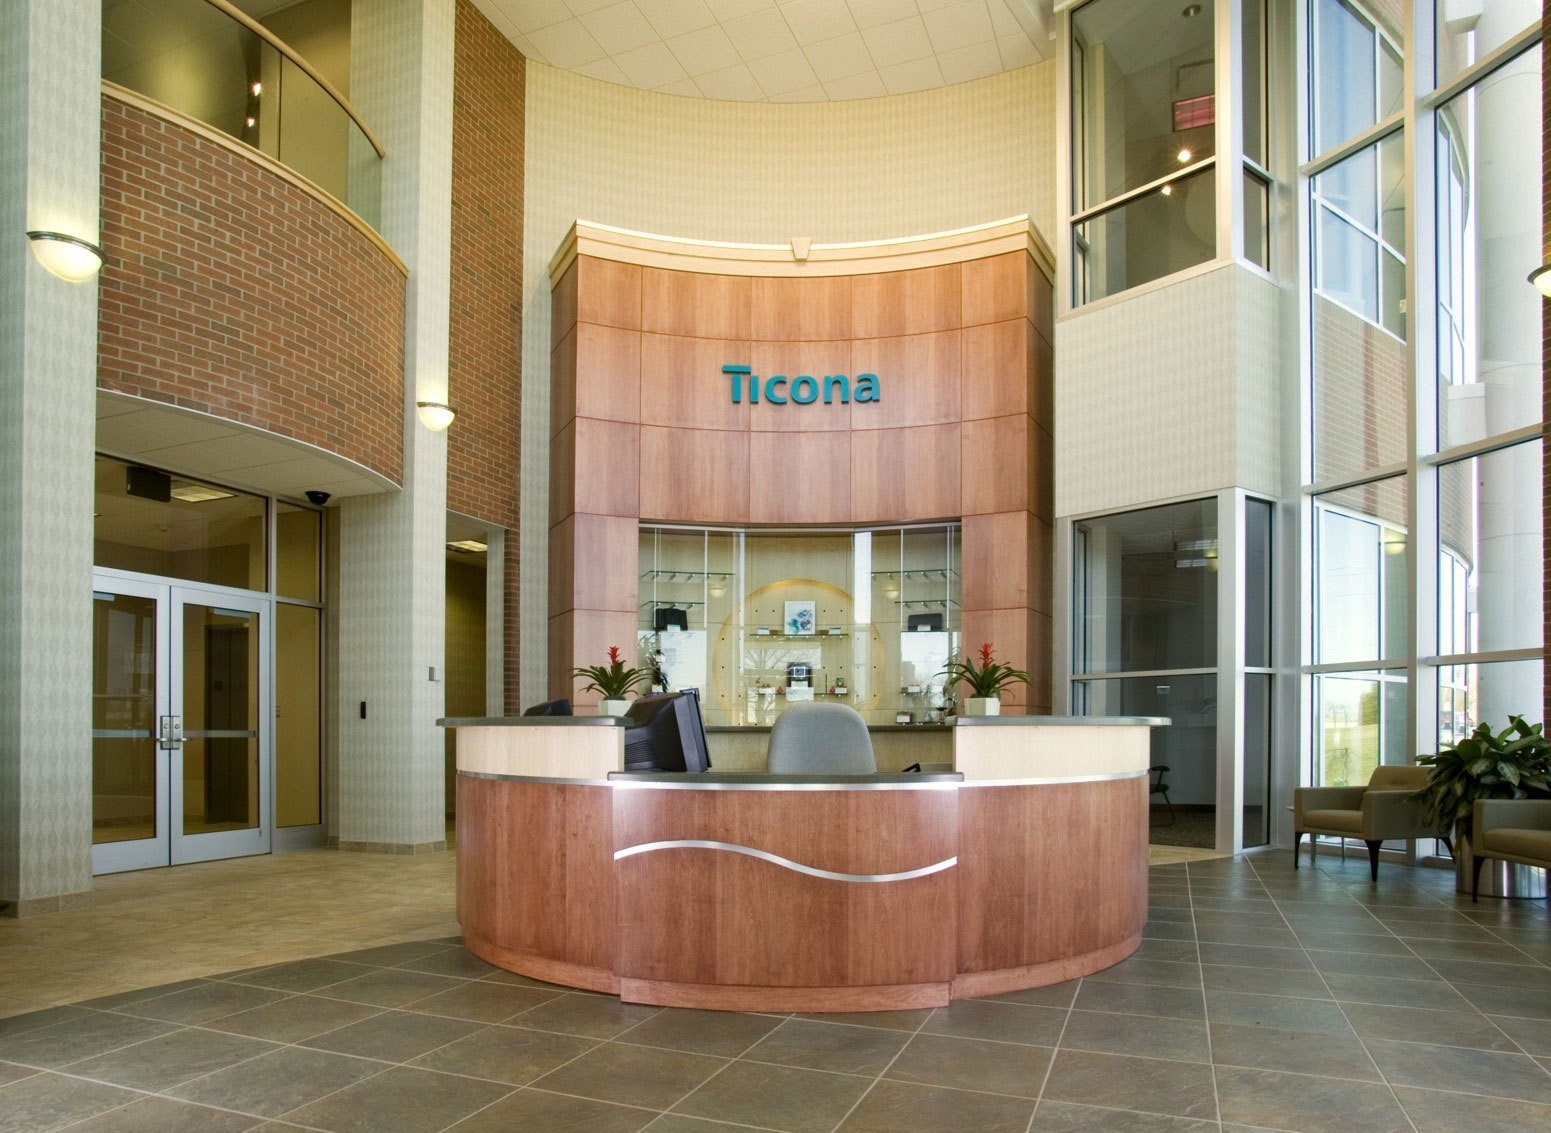 ticona-plastics-headquarters-research-development-reception